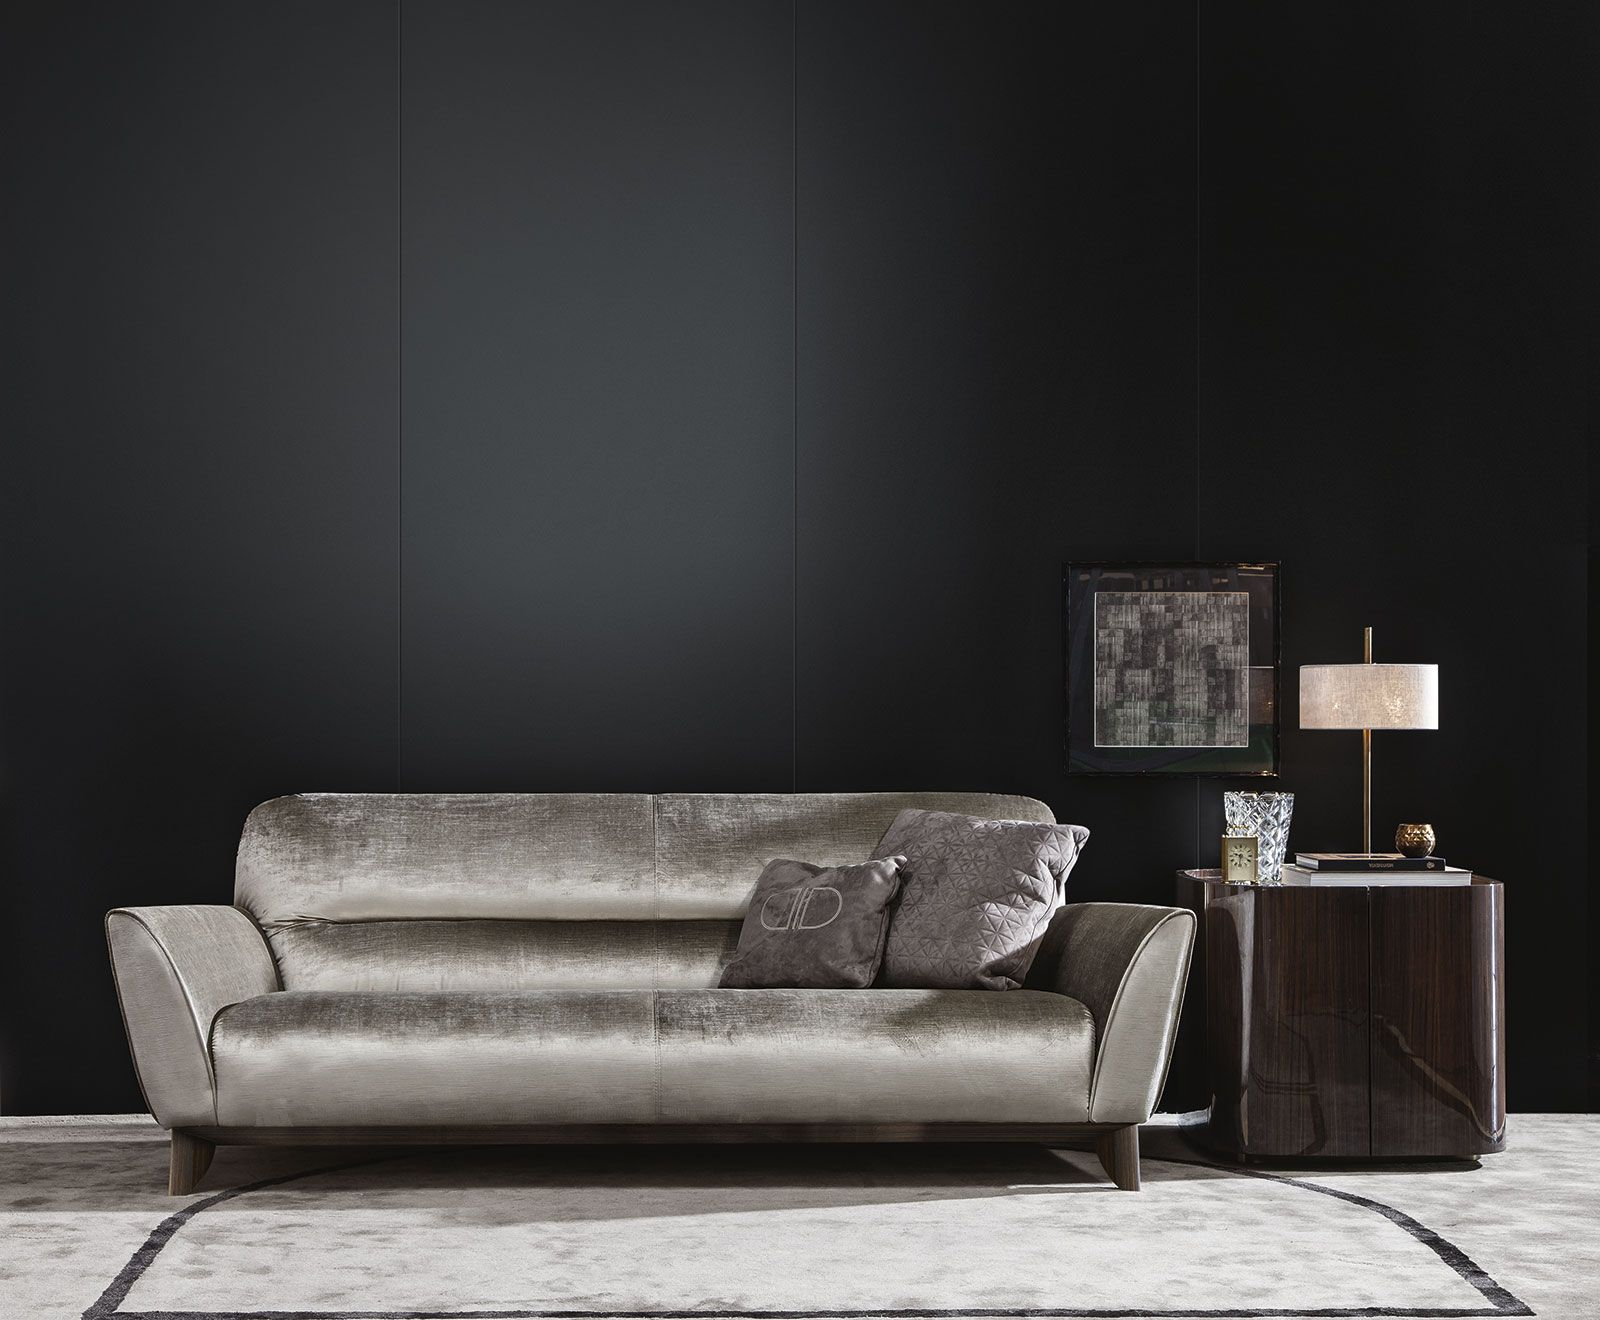 Arredamento stile ~ Daytona arredamento contemporaneo moderno di lusso e mobili stile